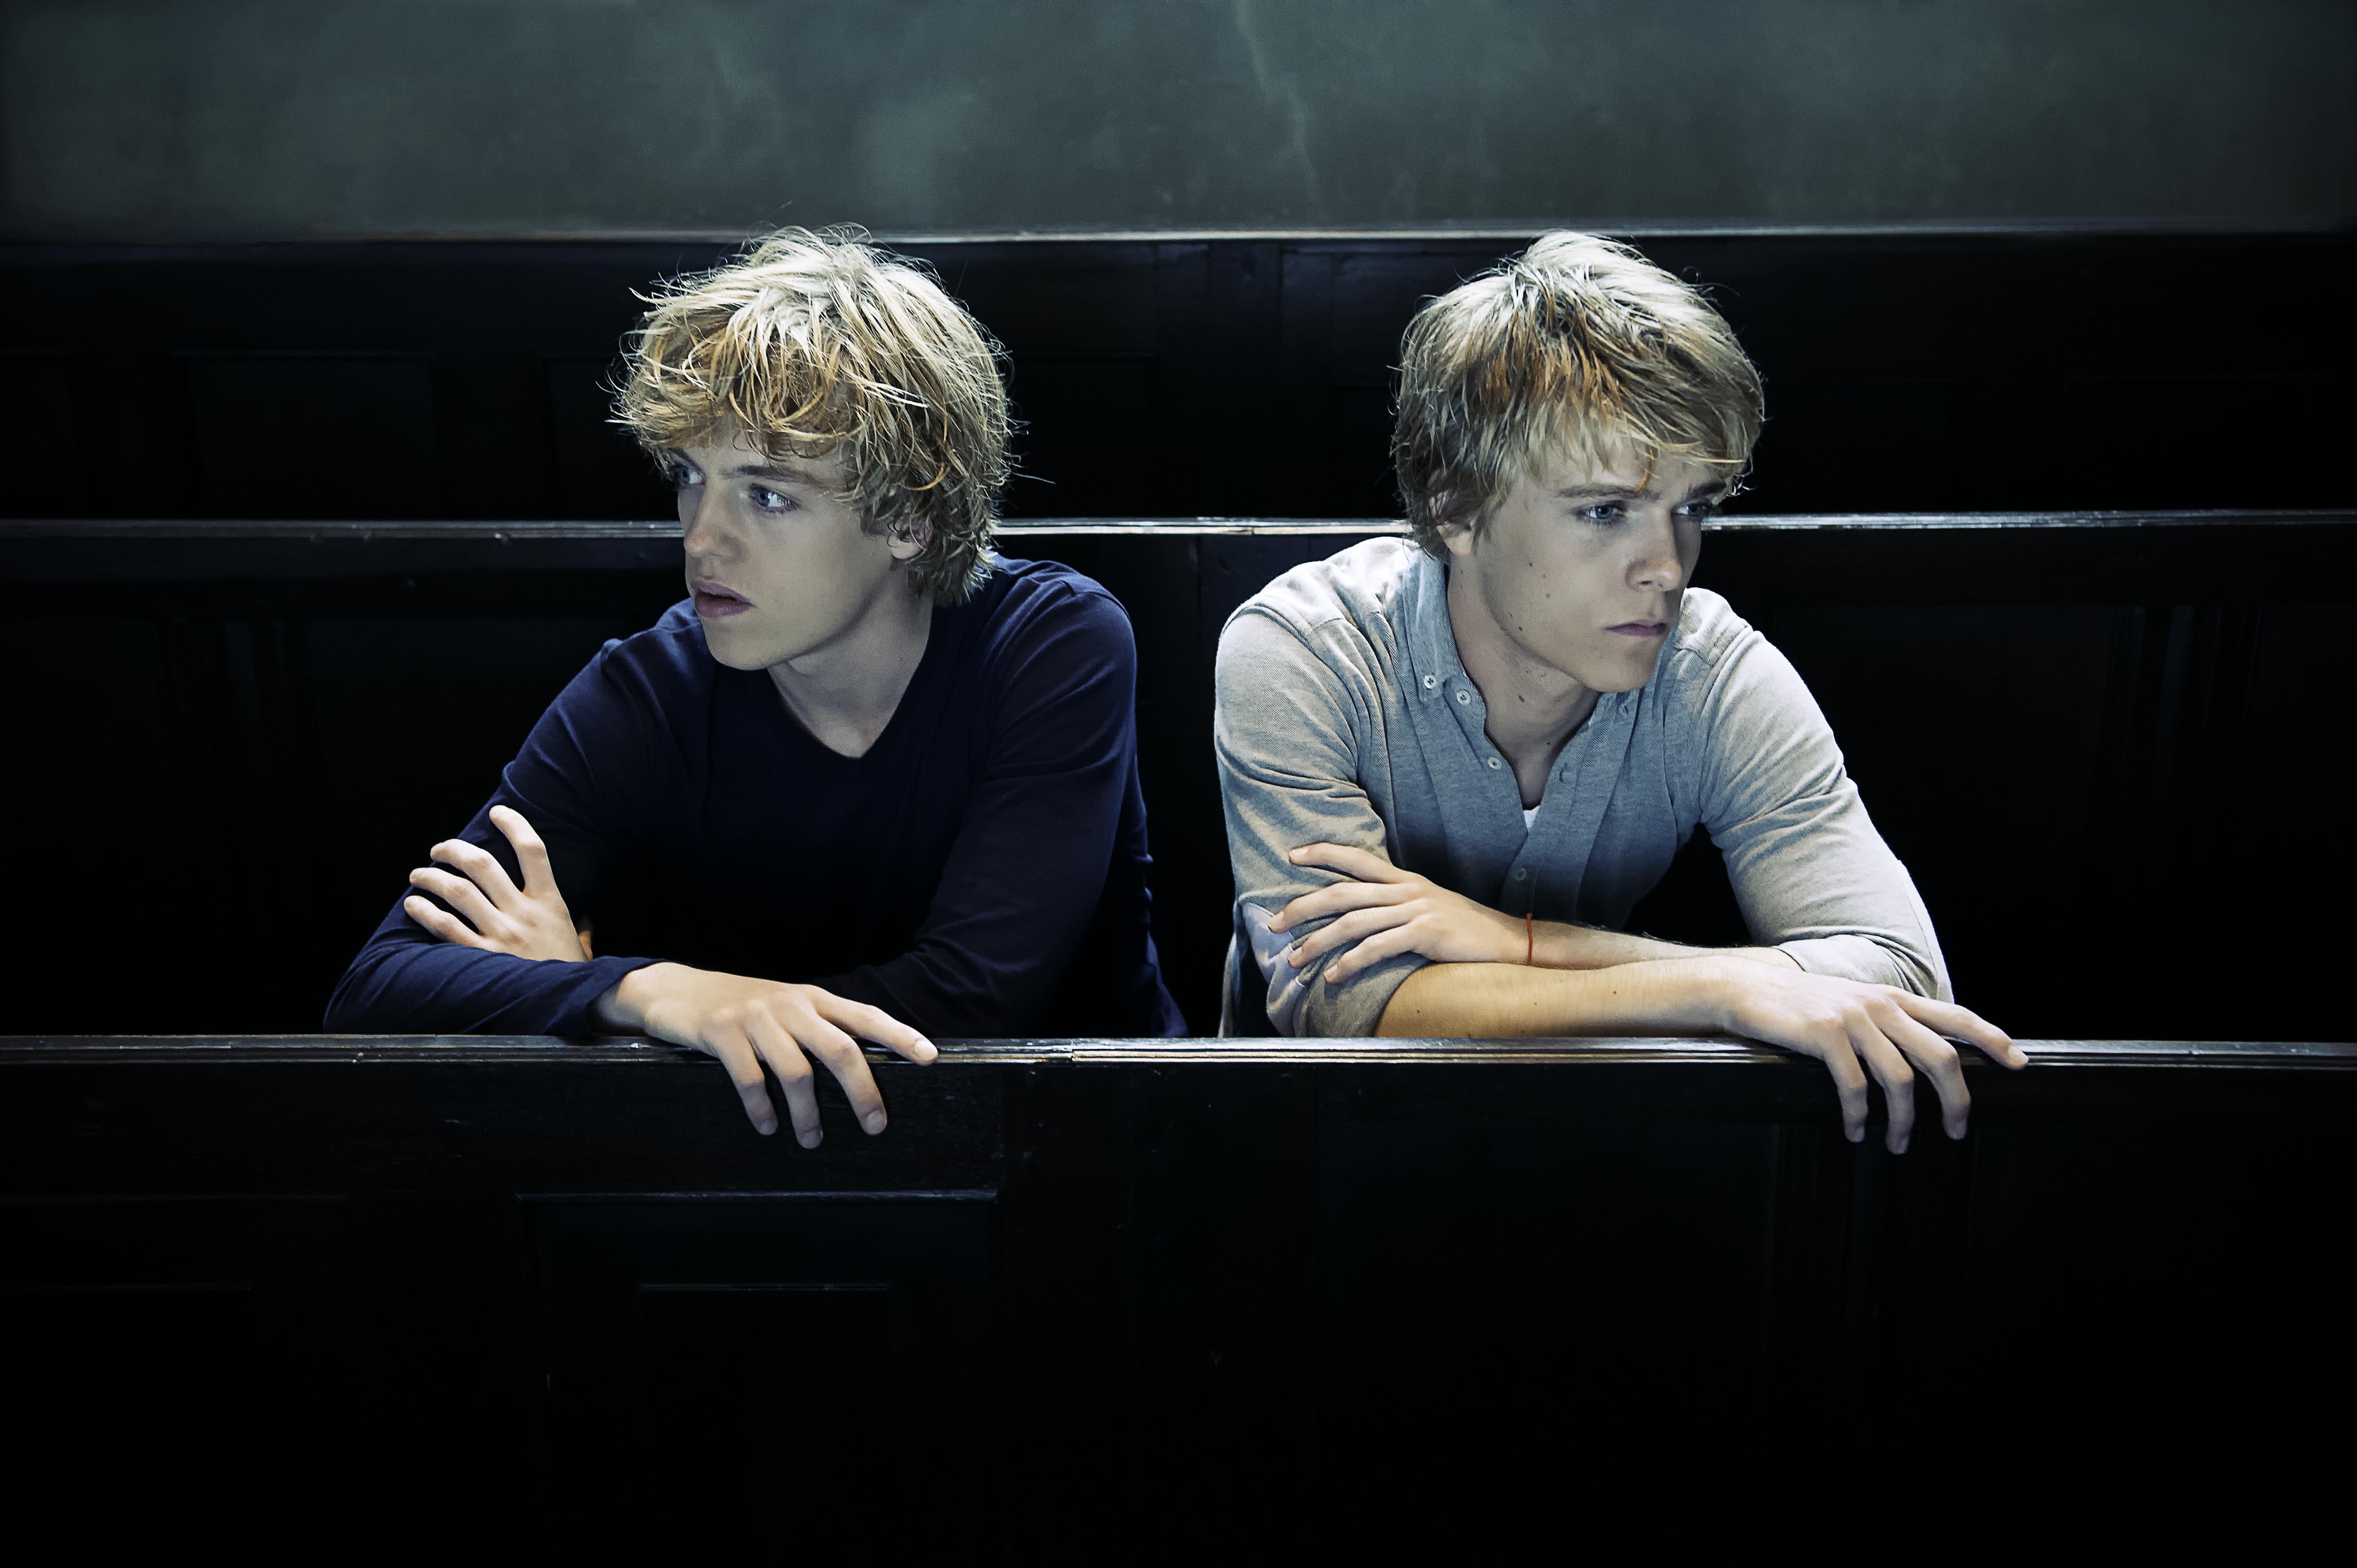 пианисты братья лукас и артур юссен фото этом